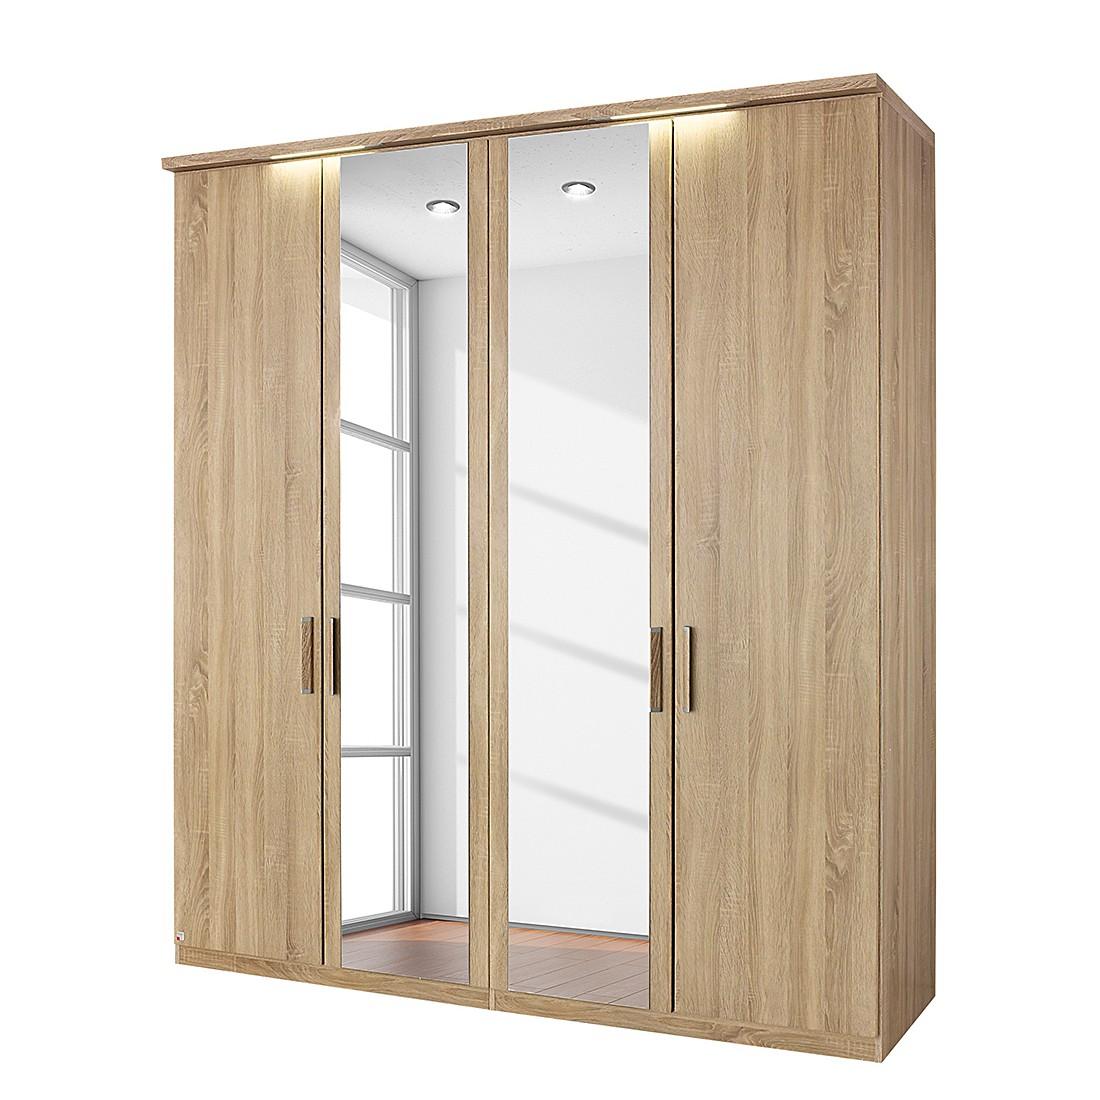 EEK A+, Armoire à portes battantes Evelyn I - Imitation chêne de Sonoma - Avec éclairage - 151 cm (3